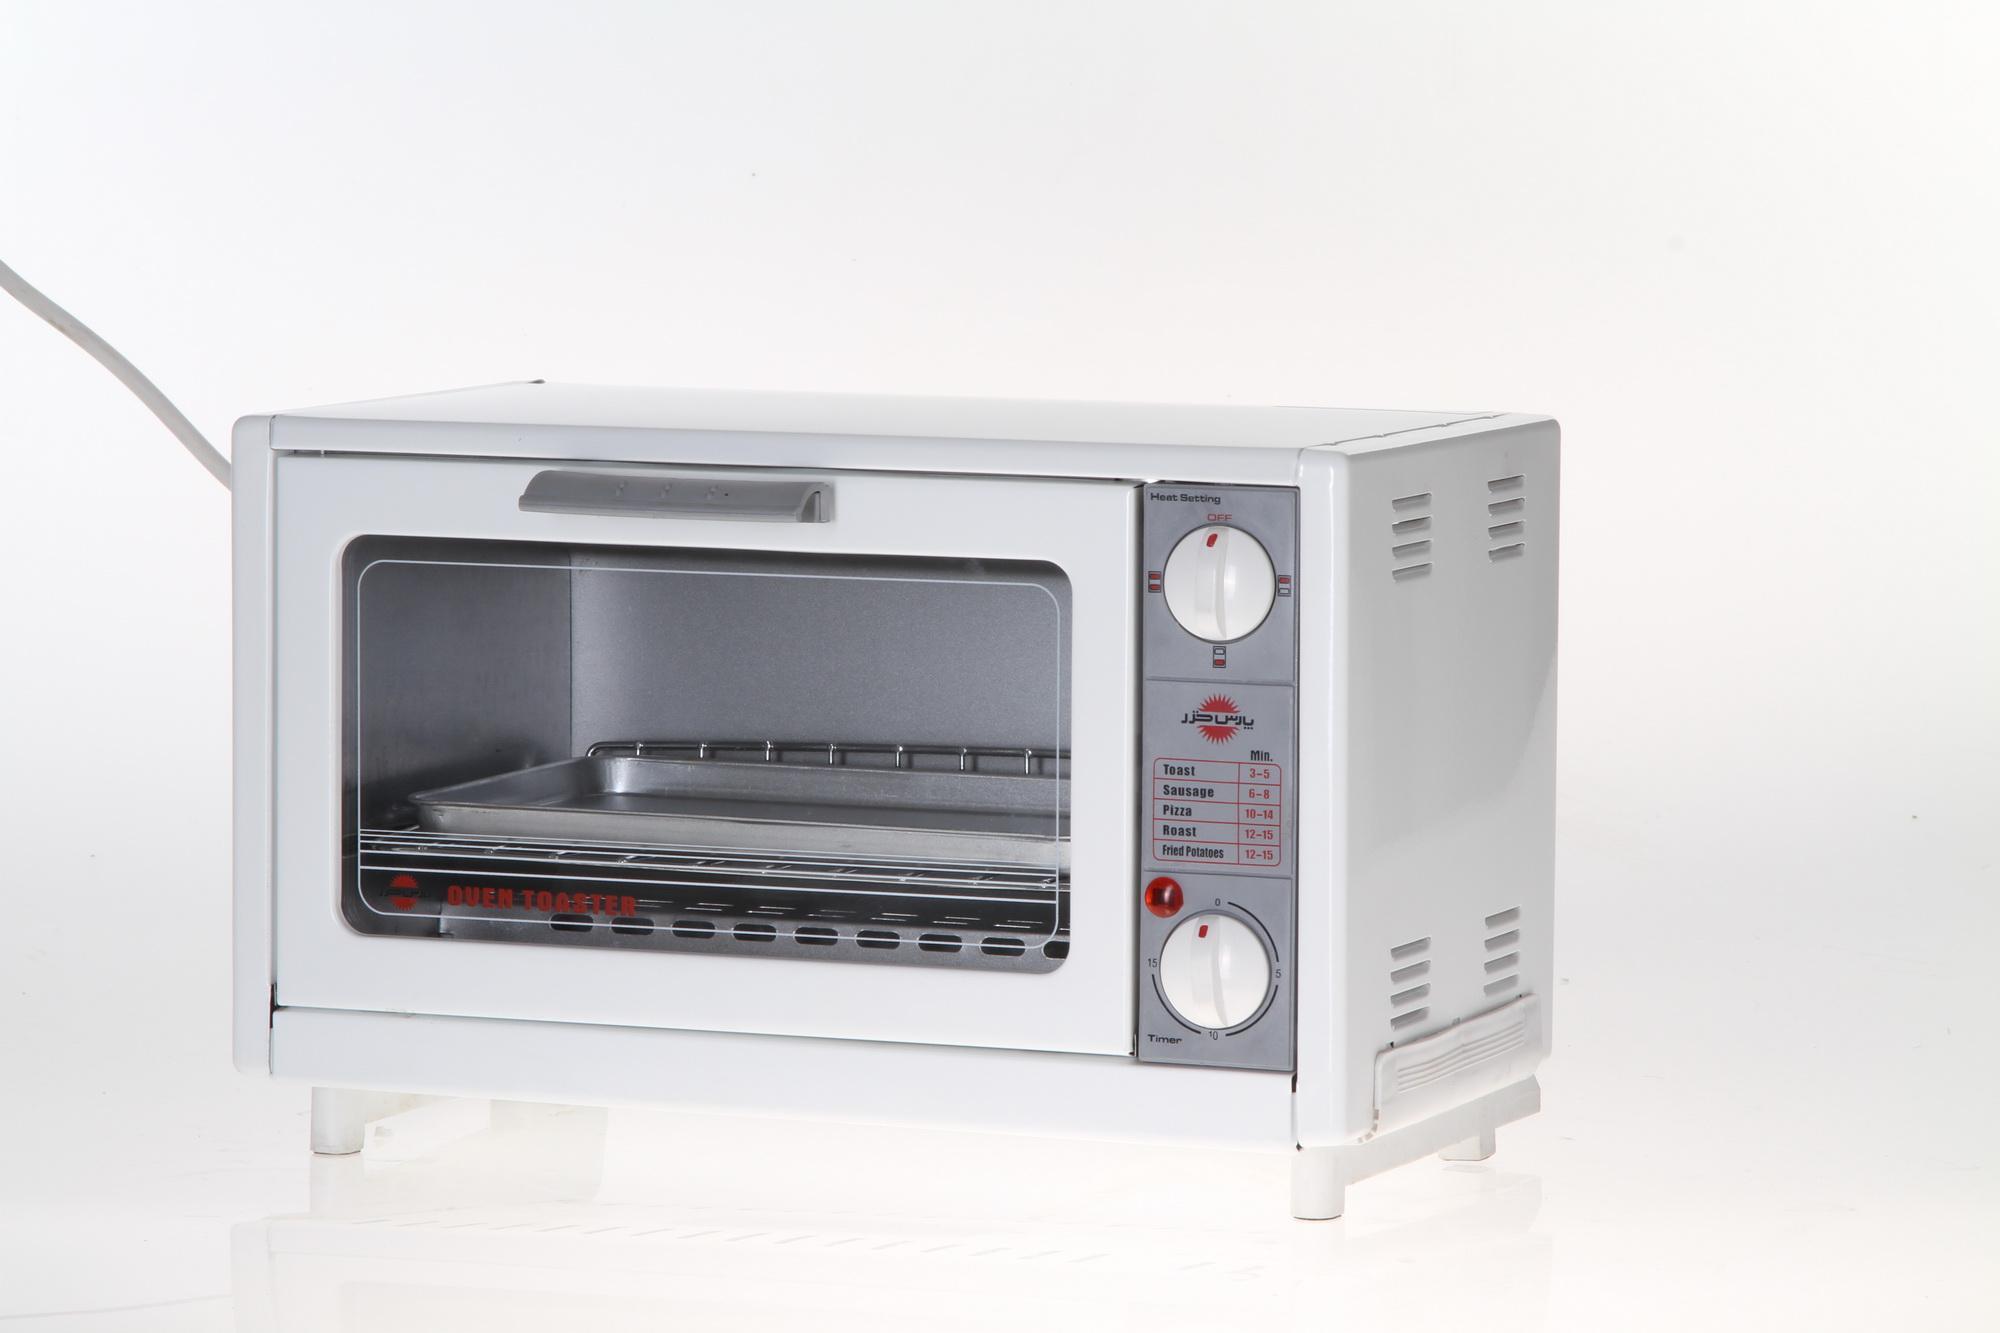 المنت حرارتی شیشه ای توستر پارس خزر مدل OT-650P